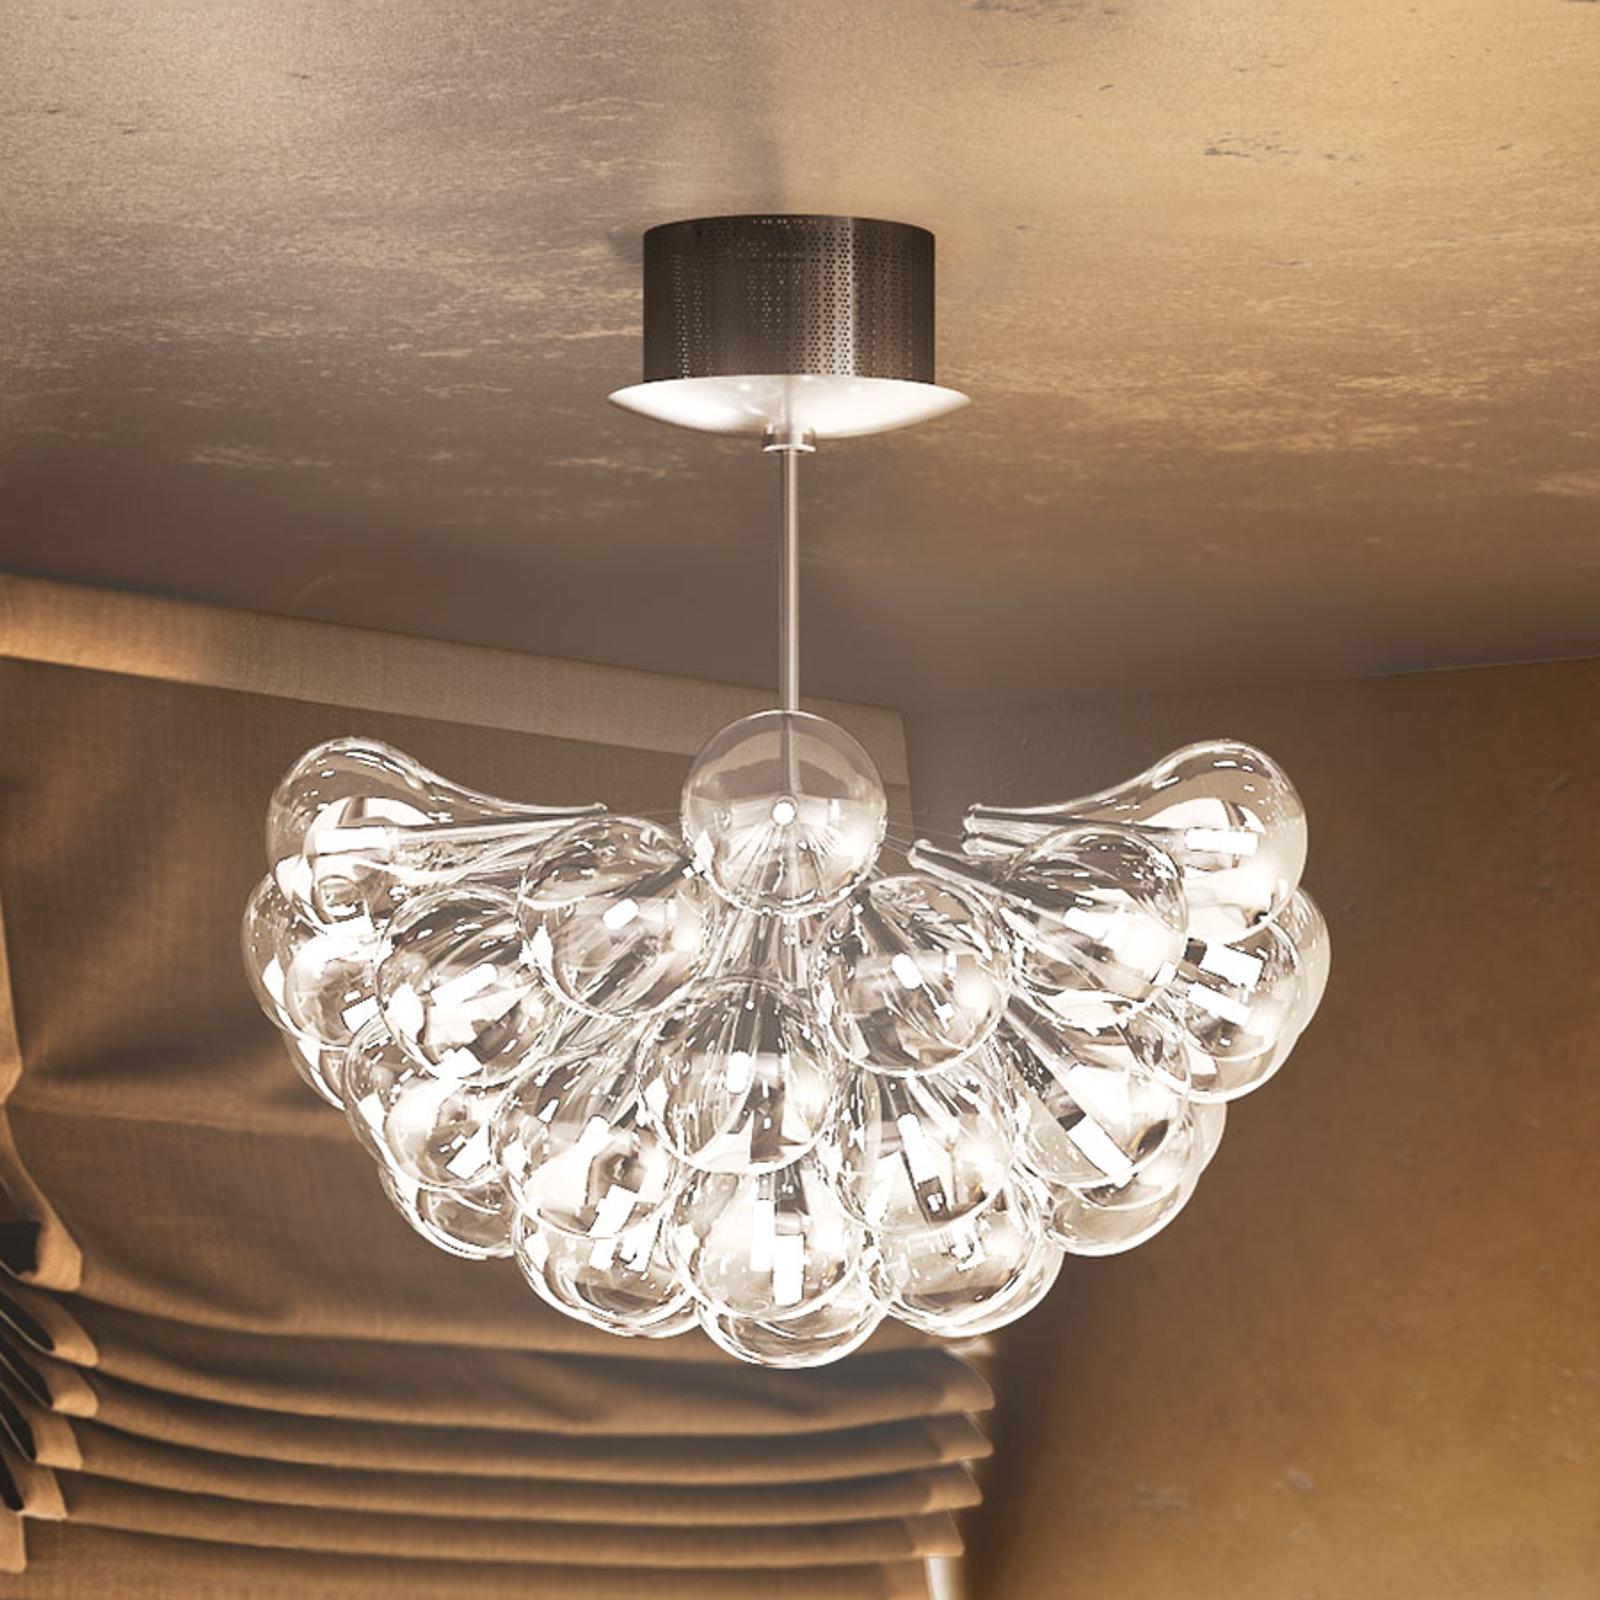 Lampa wisząca LED Drop S, 37-punktowa